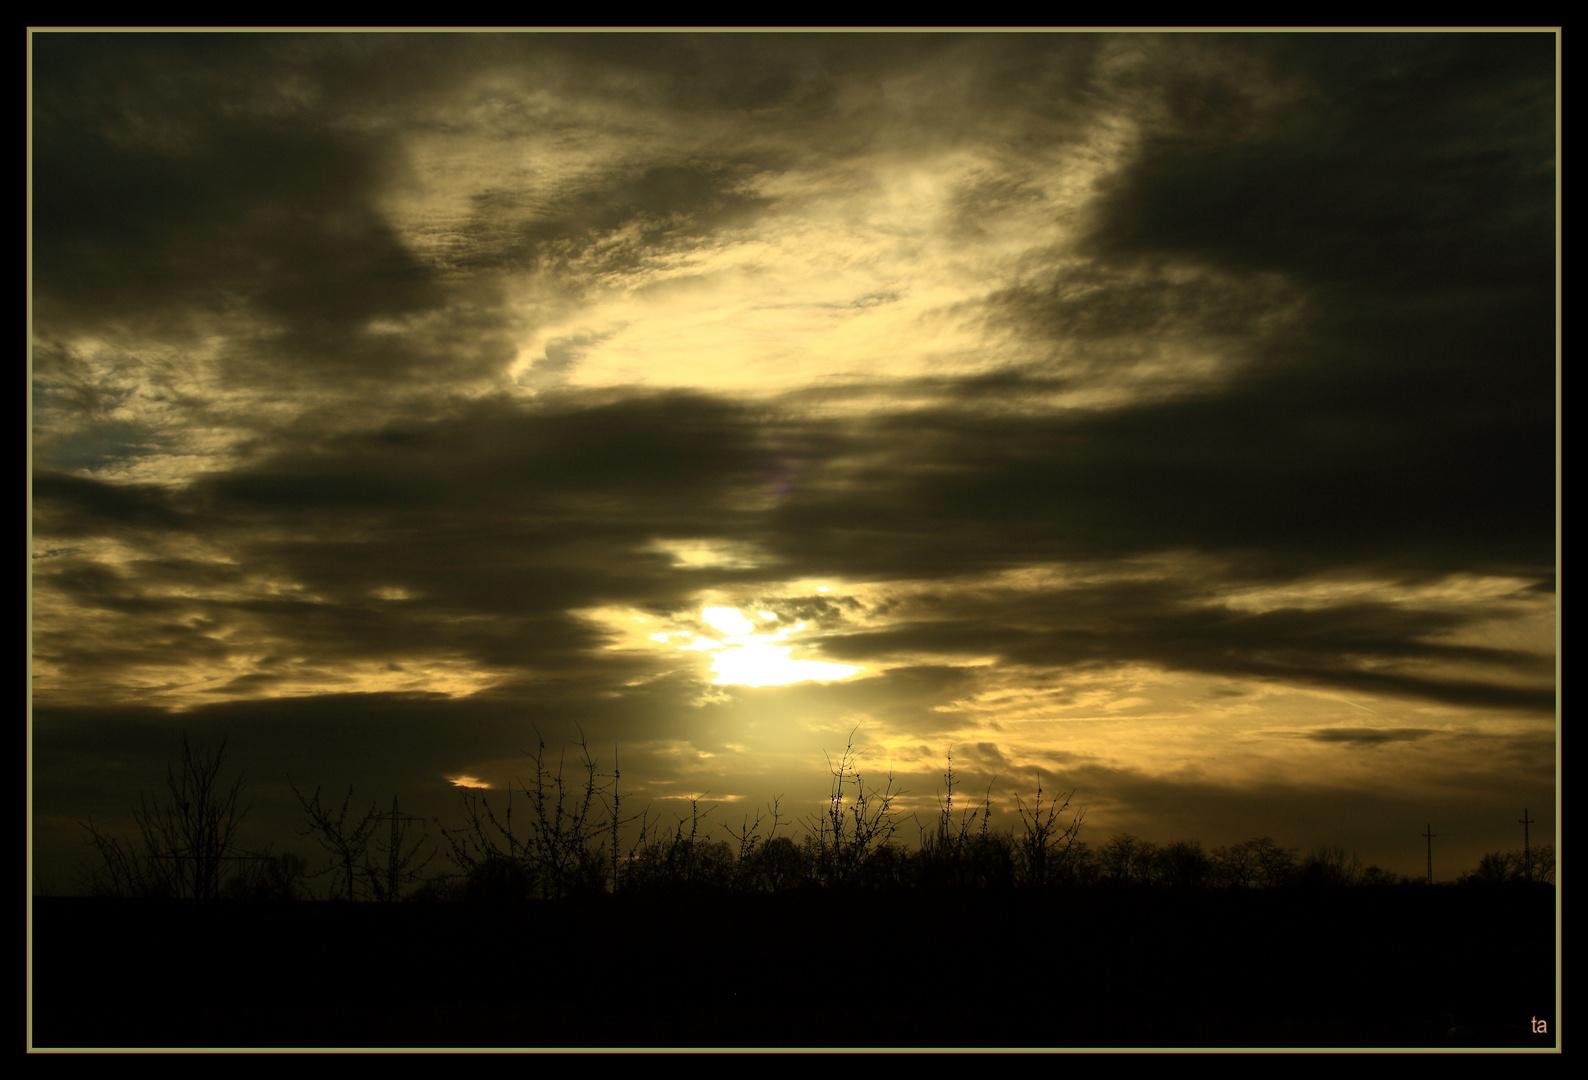 Lichtblick am Horizont..